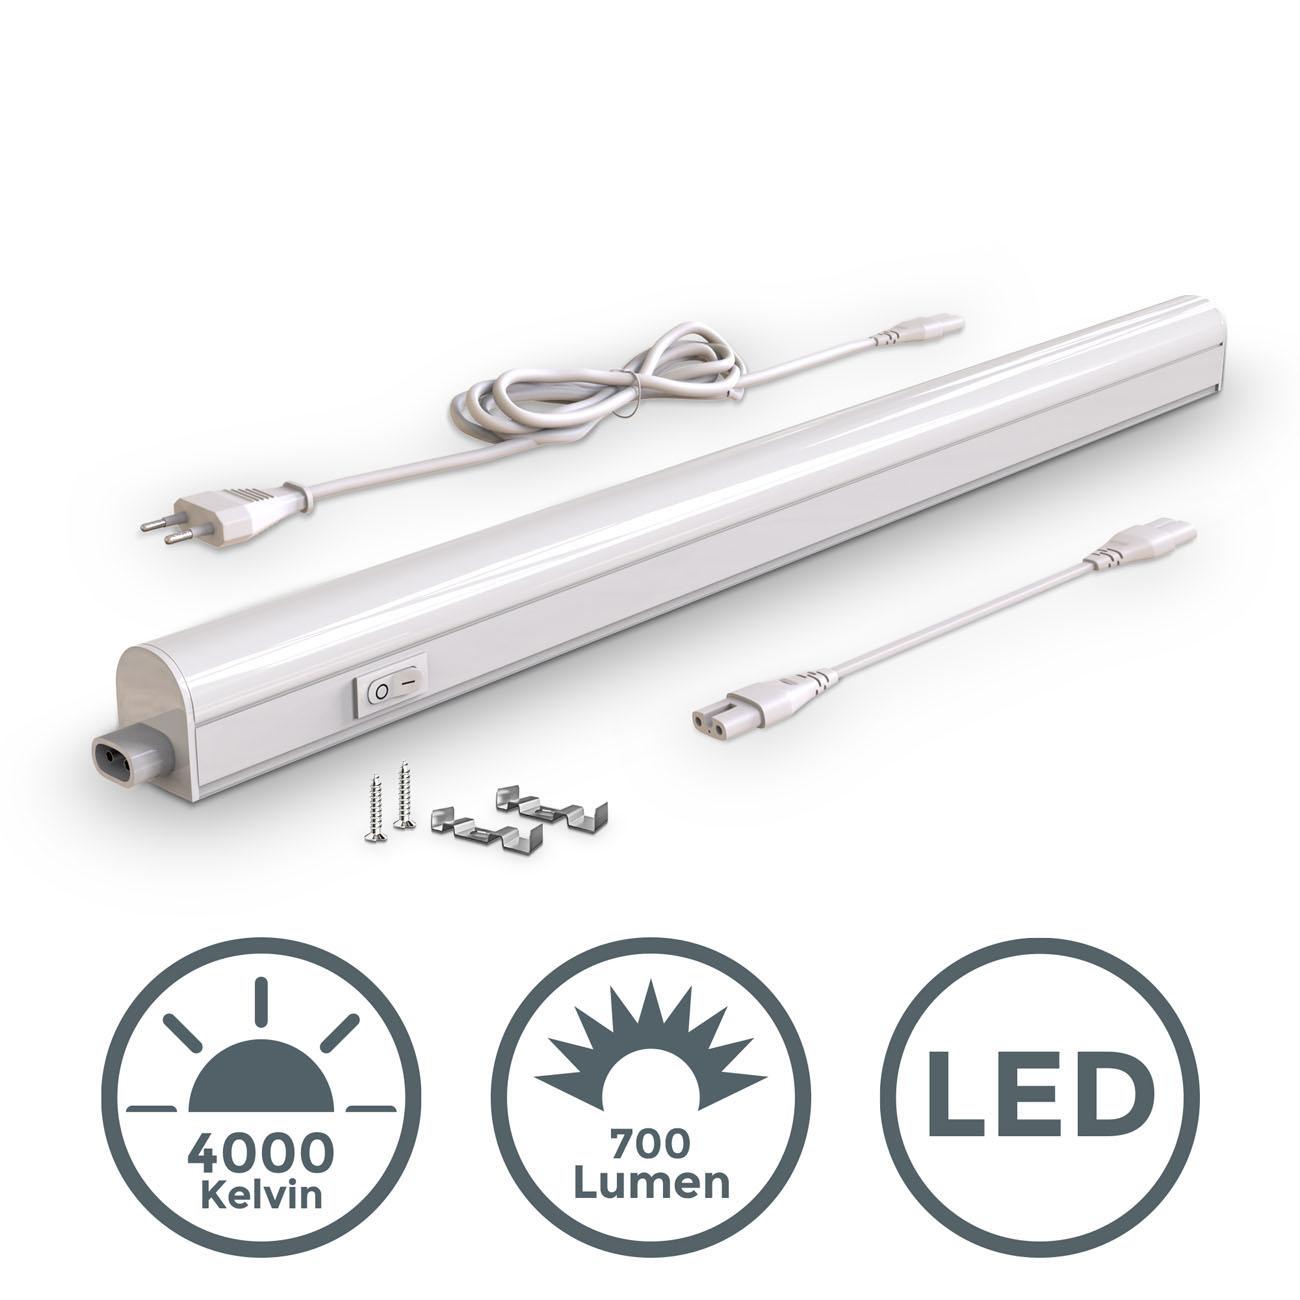 LED Unterbauleuchte mit Verbindungskabel weiß M - 3